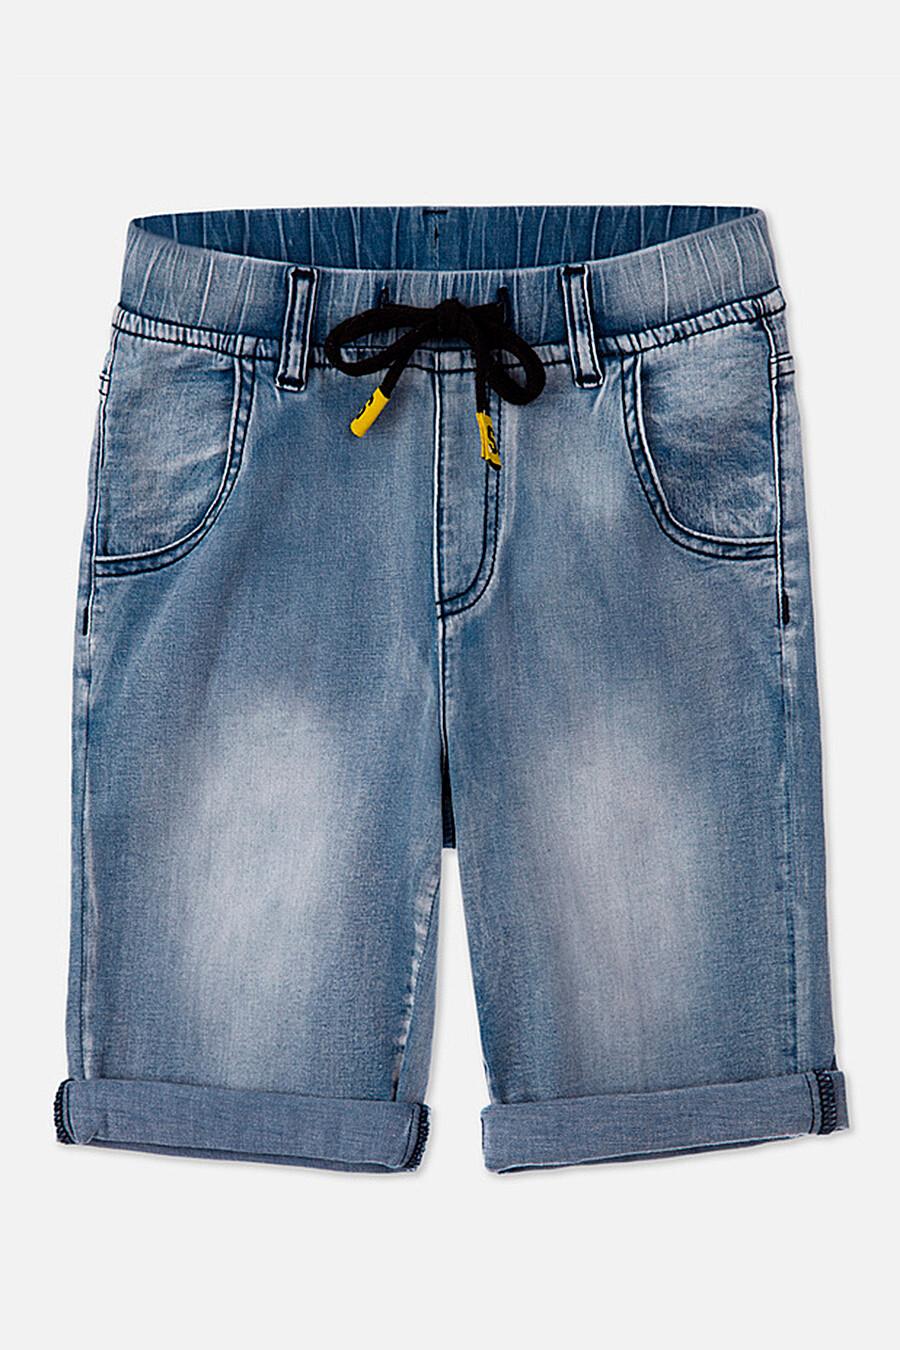 Шорты для мальчиков PLAYTODAY 289466 купить оптом от производителя. Совместная покупка детской одежды в OptMoyo